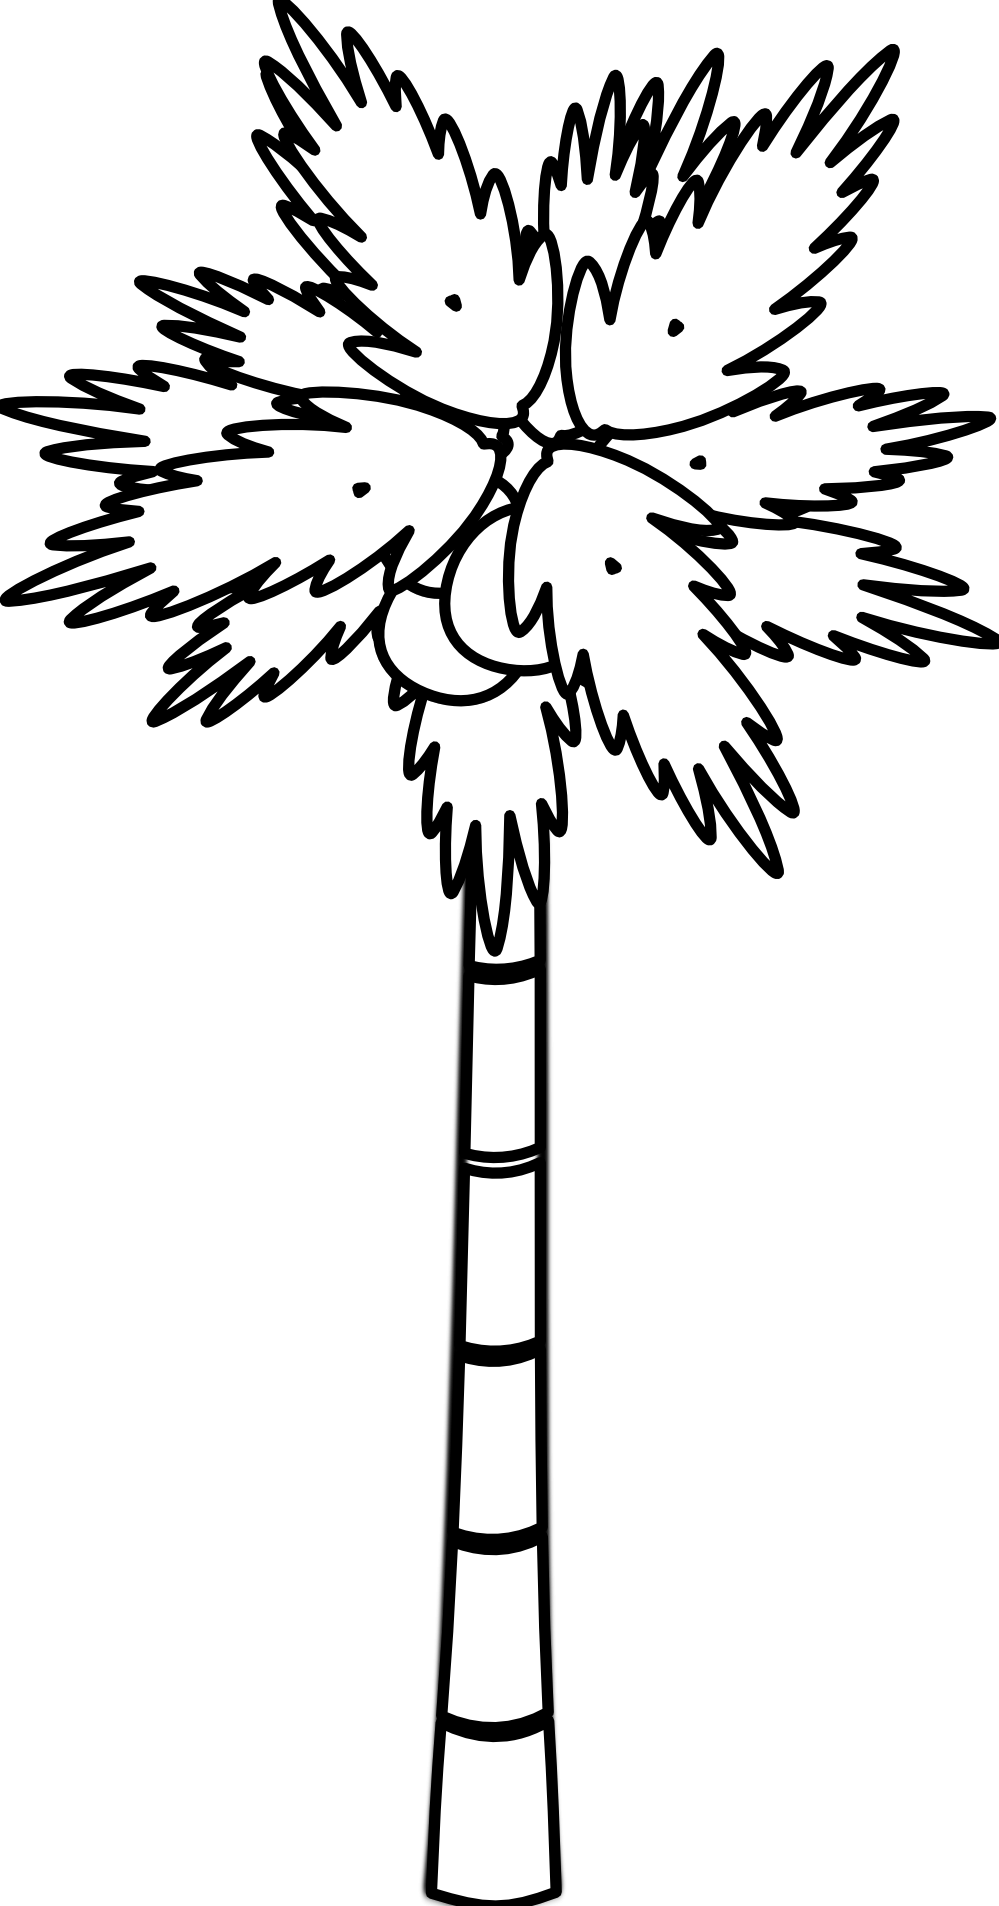 Ides dimages de cartoon. Tall clipart coconut tree